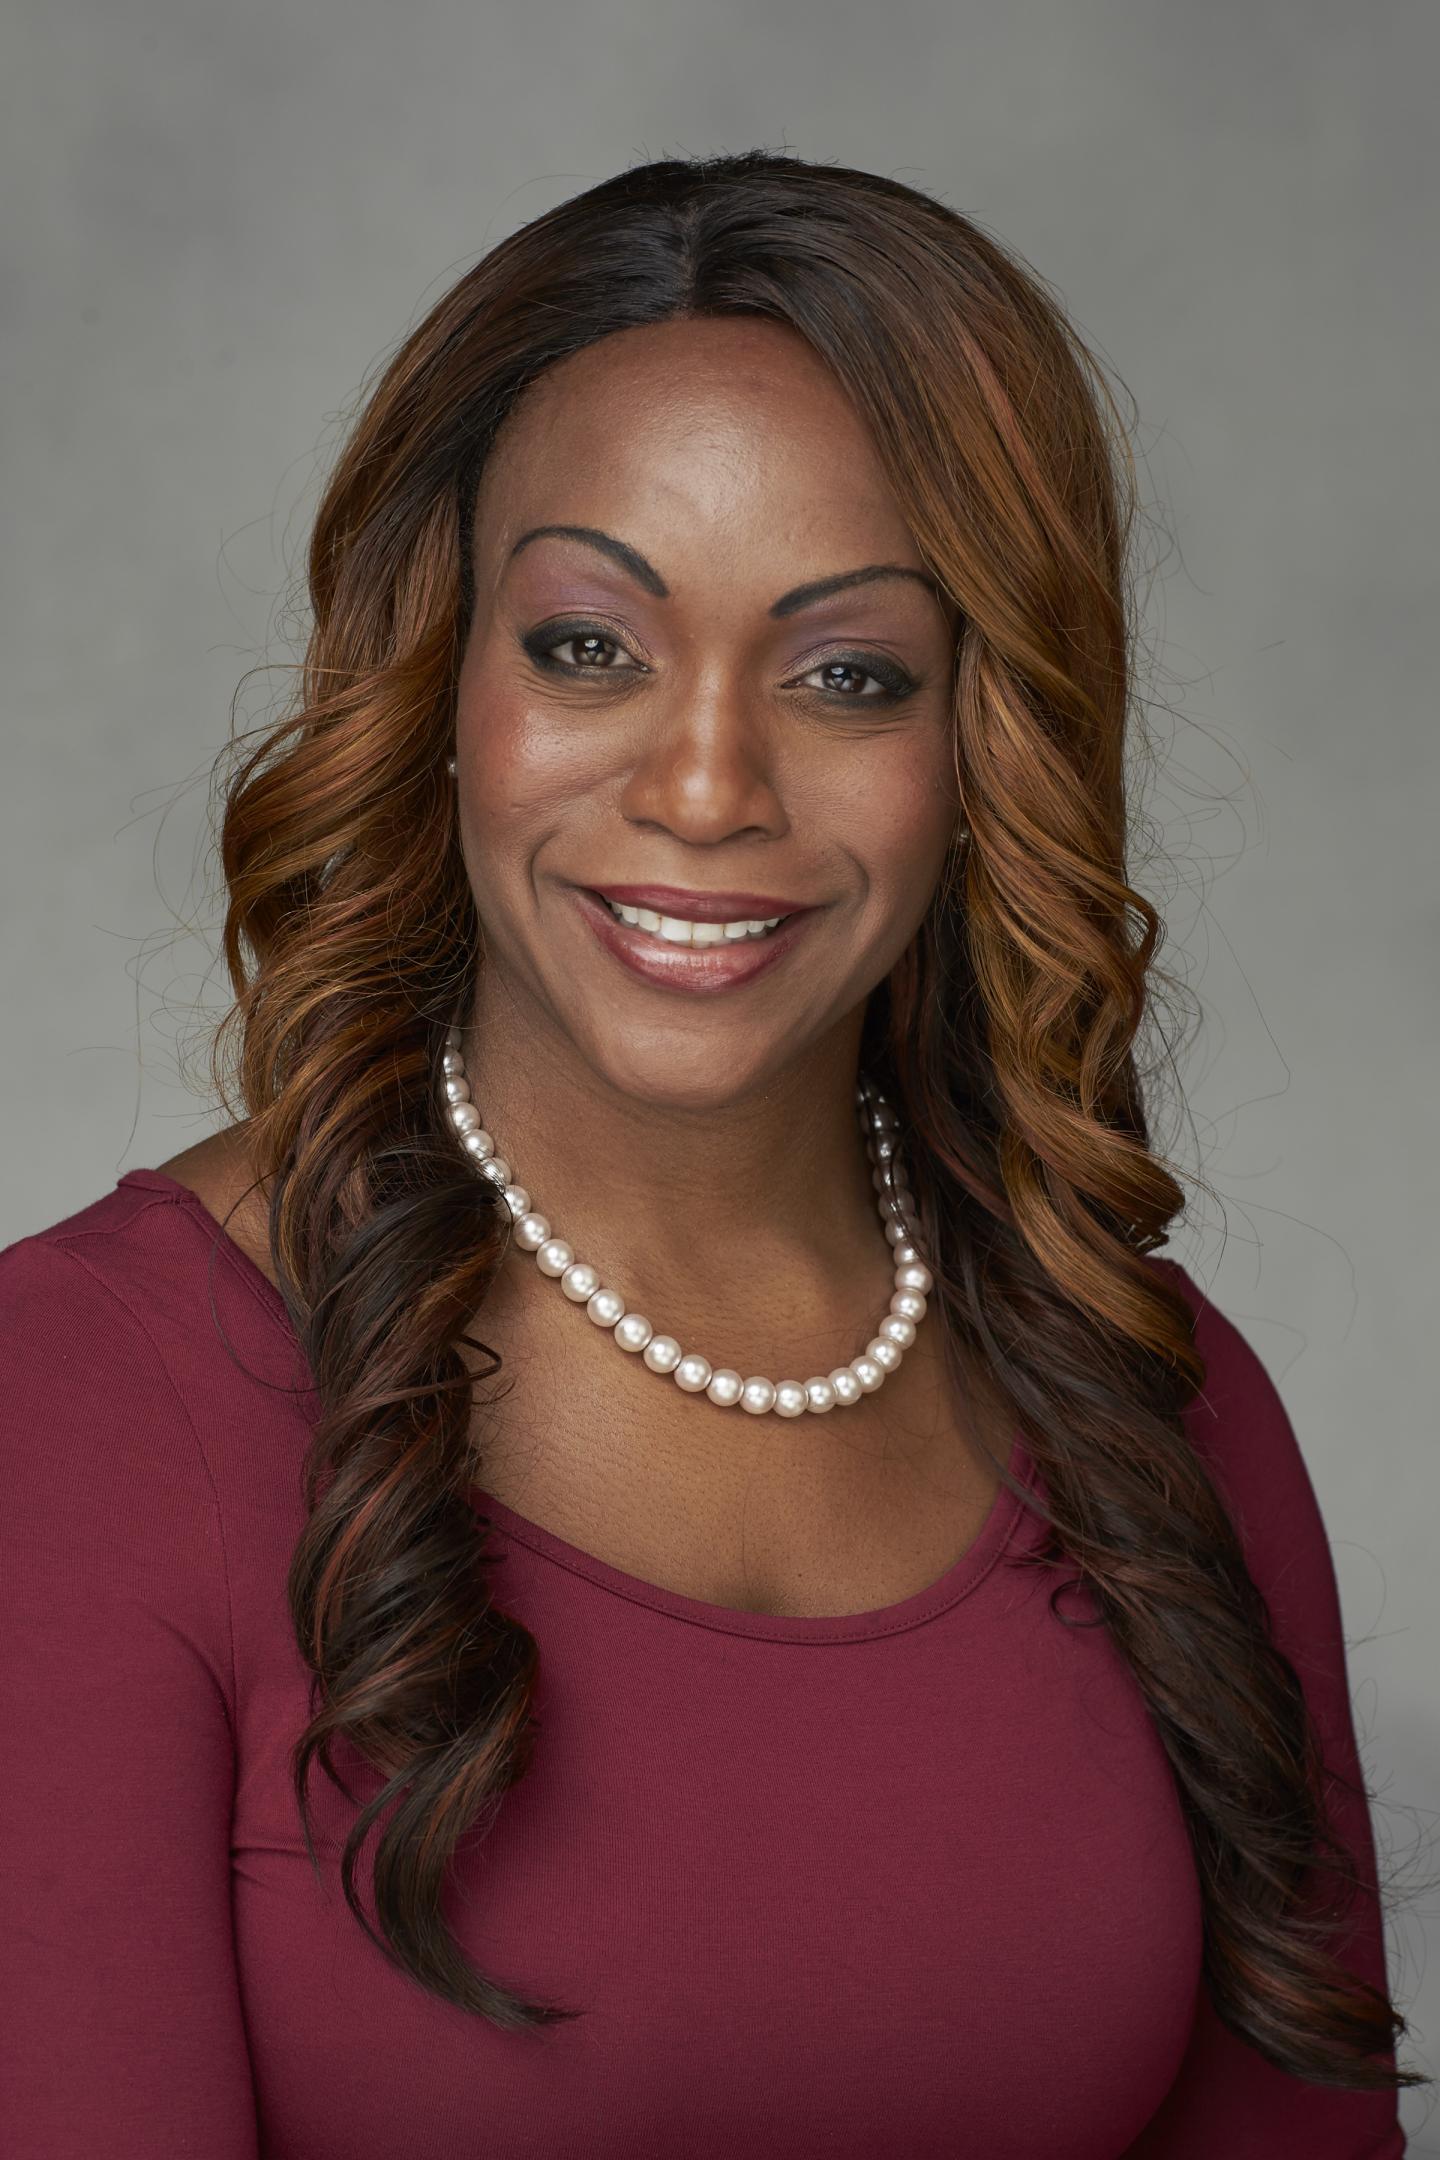 Tiffiany Howard, University of Nevada, Las Vegas